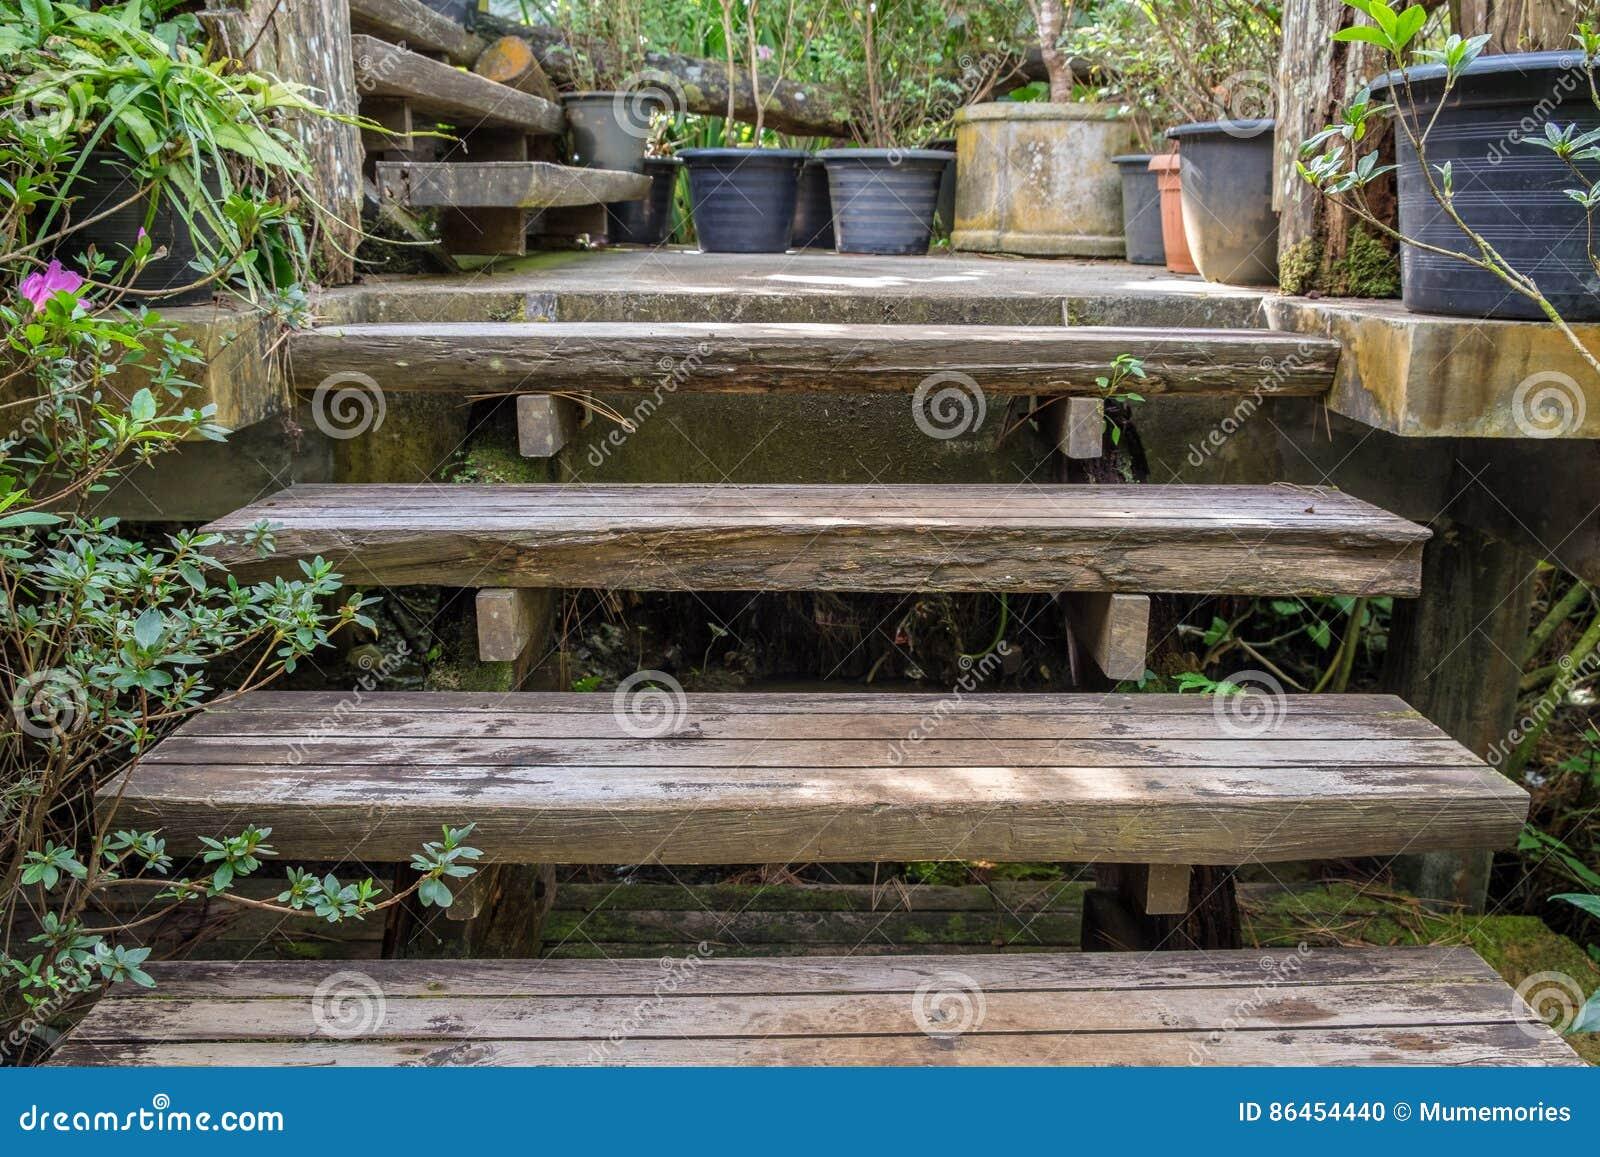 Oude bederf houten treden omhoog in tuin stock foto afbeelding 86454440 - Houten tuin decoratie ...